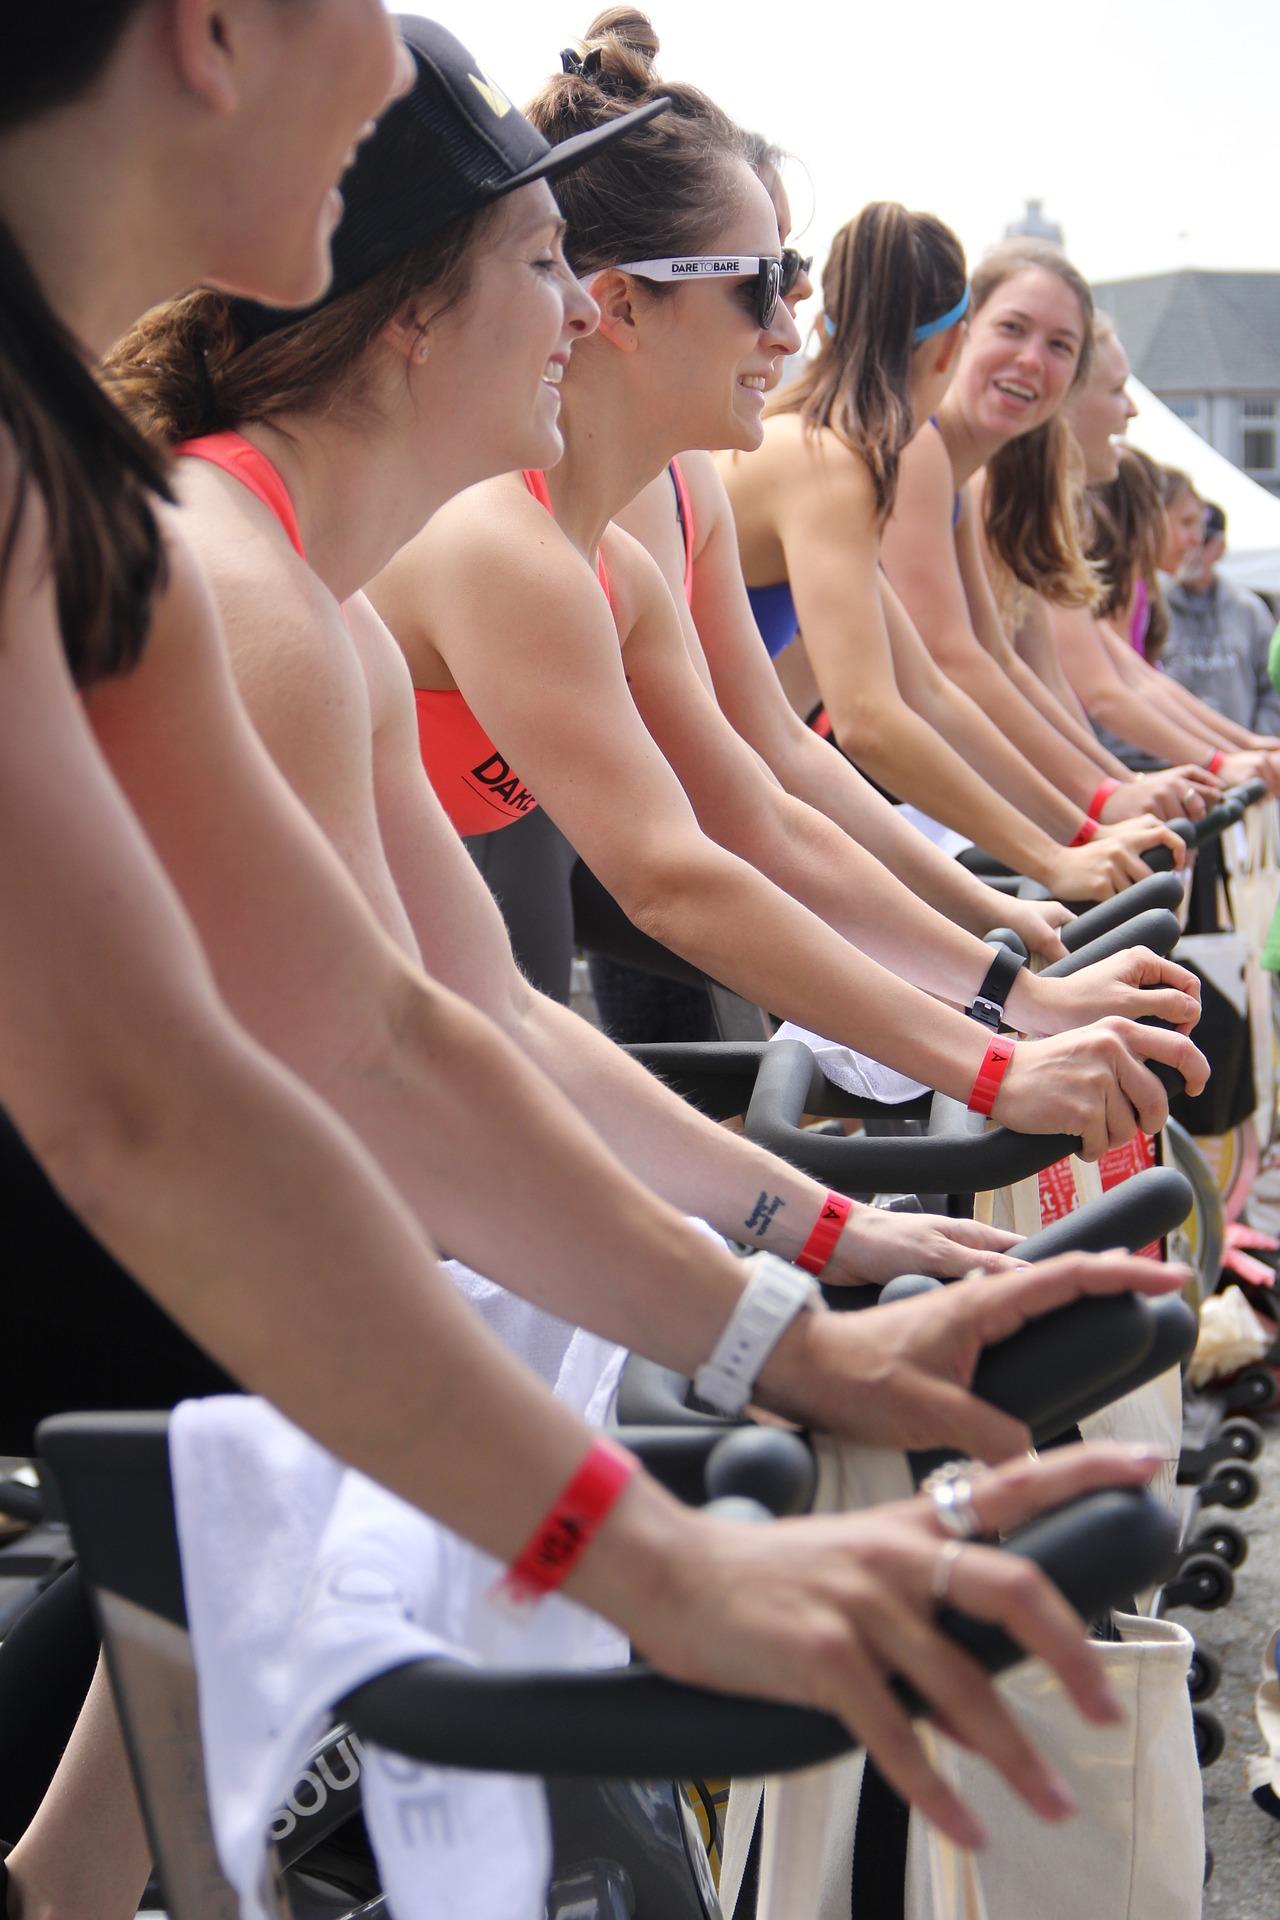 Spinning Bike in Gruppe oder einzeln trainieren